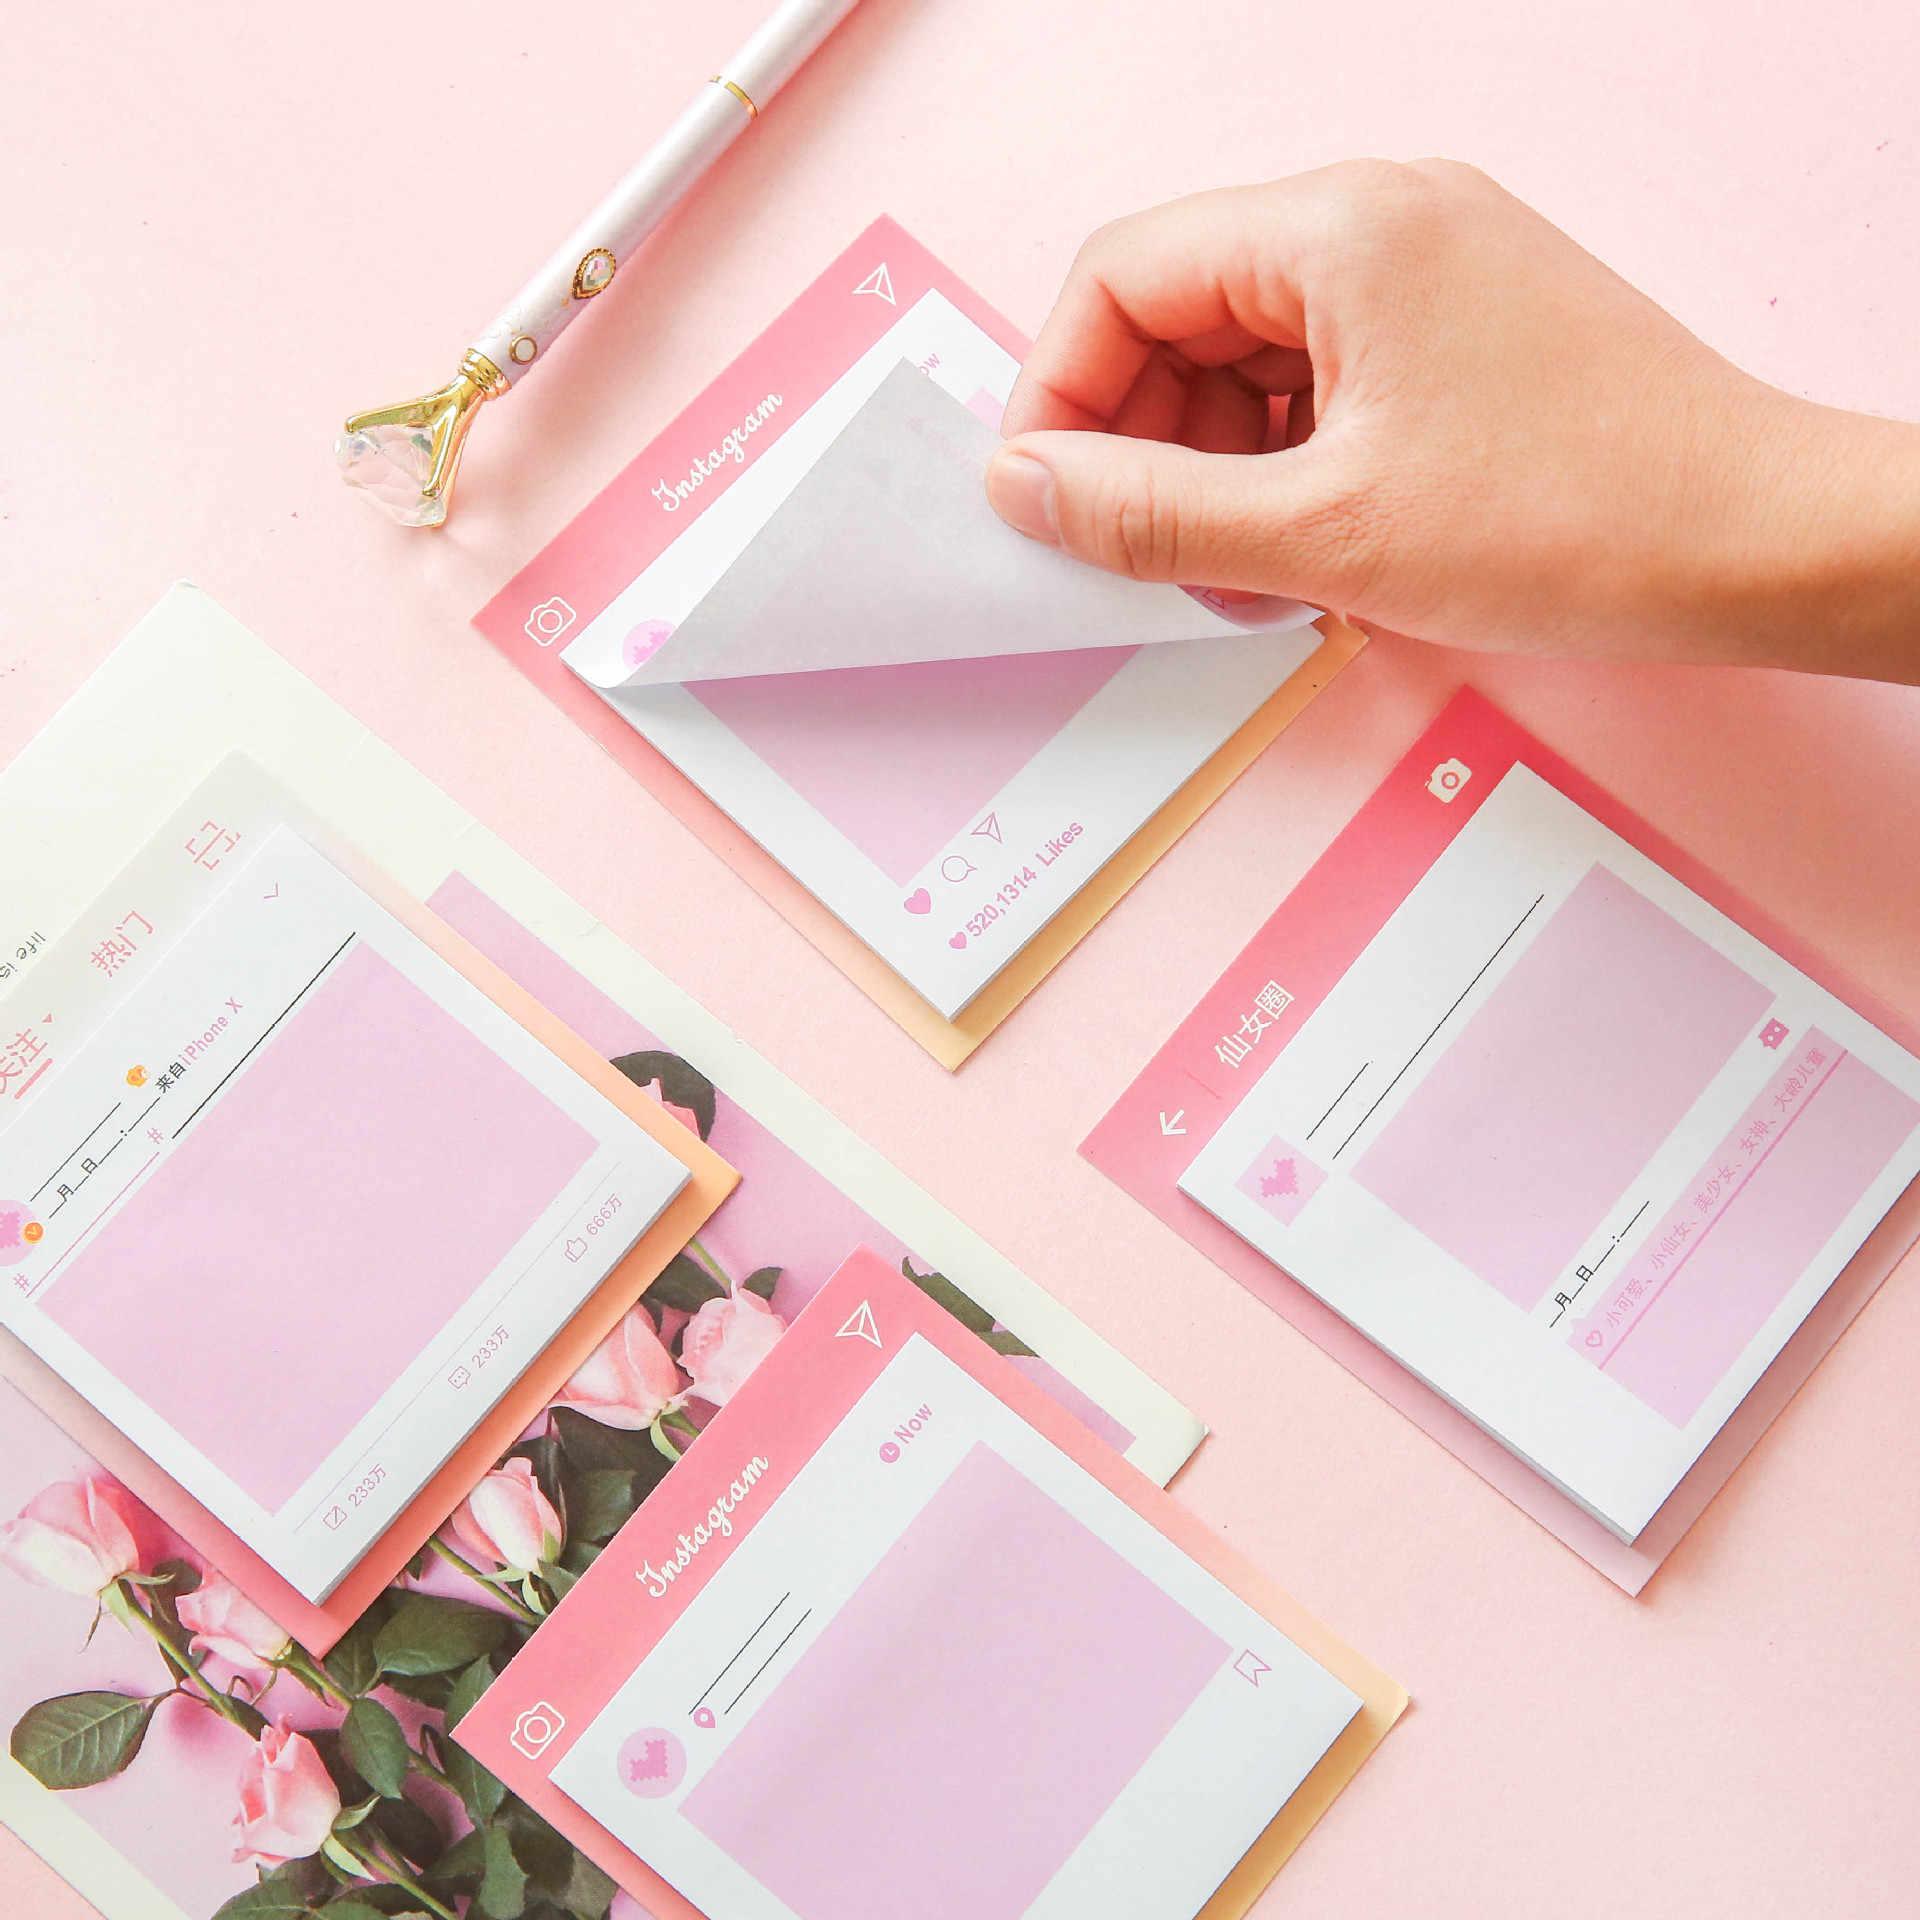 Giapponese rosa belle ragazze in Harahufeng comodo per incollare fata circle of friends N volte può strappare una nota messaggio libro